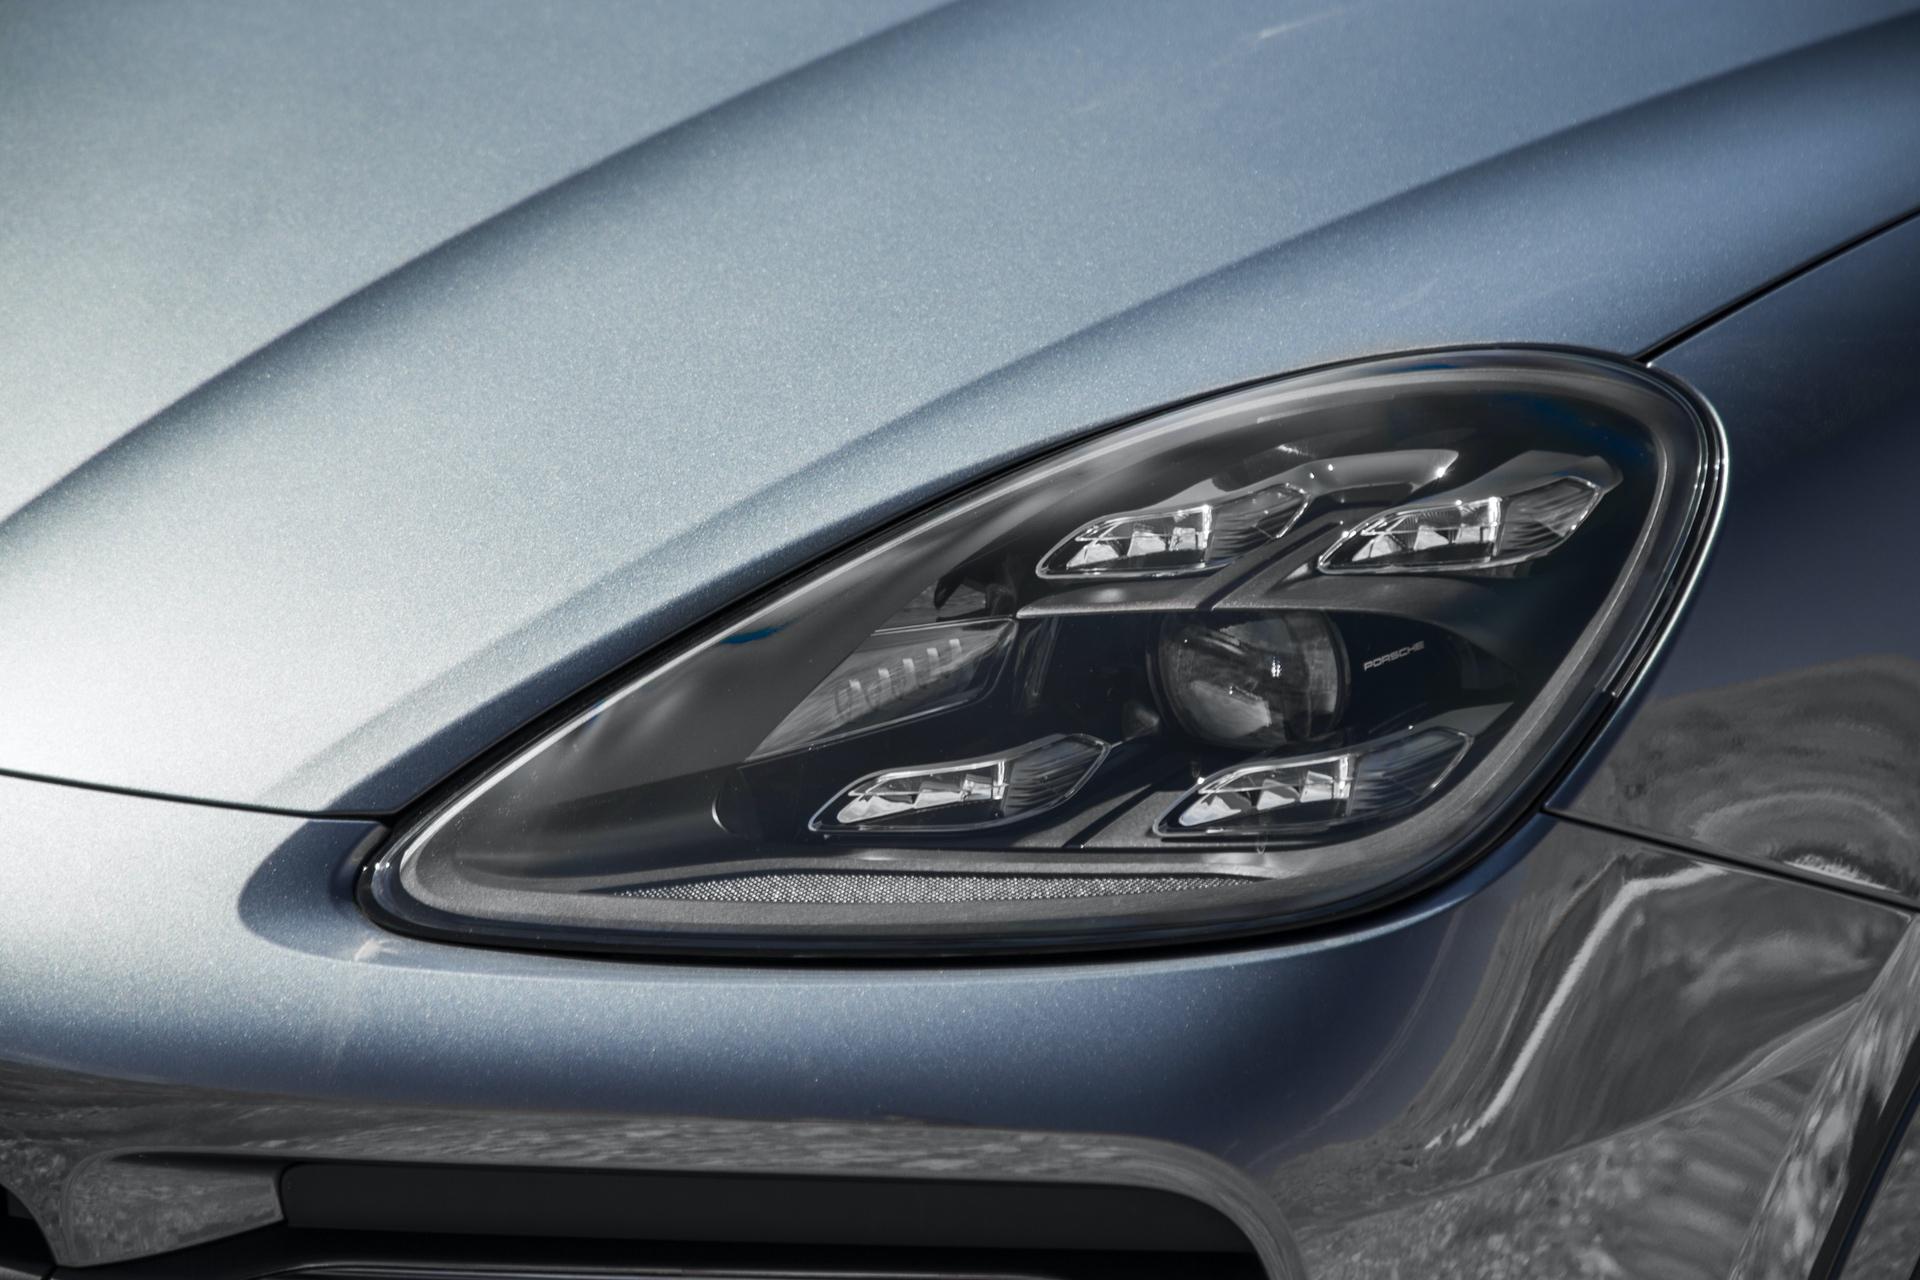 Test_Drive_Porsche_Cayenne_279